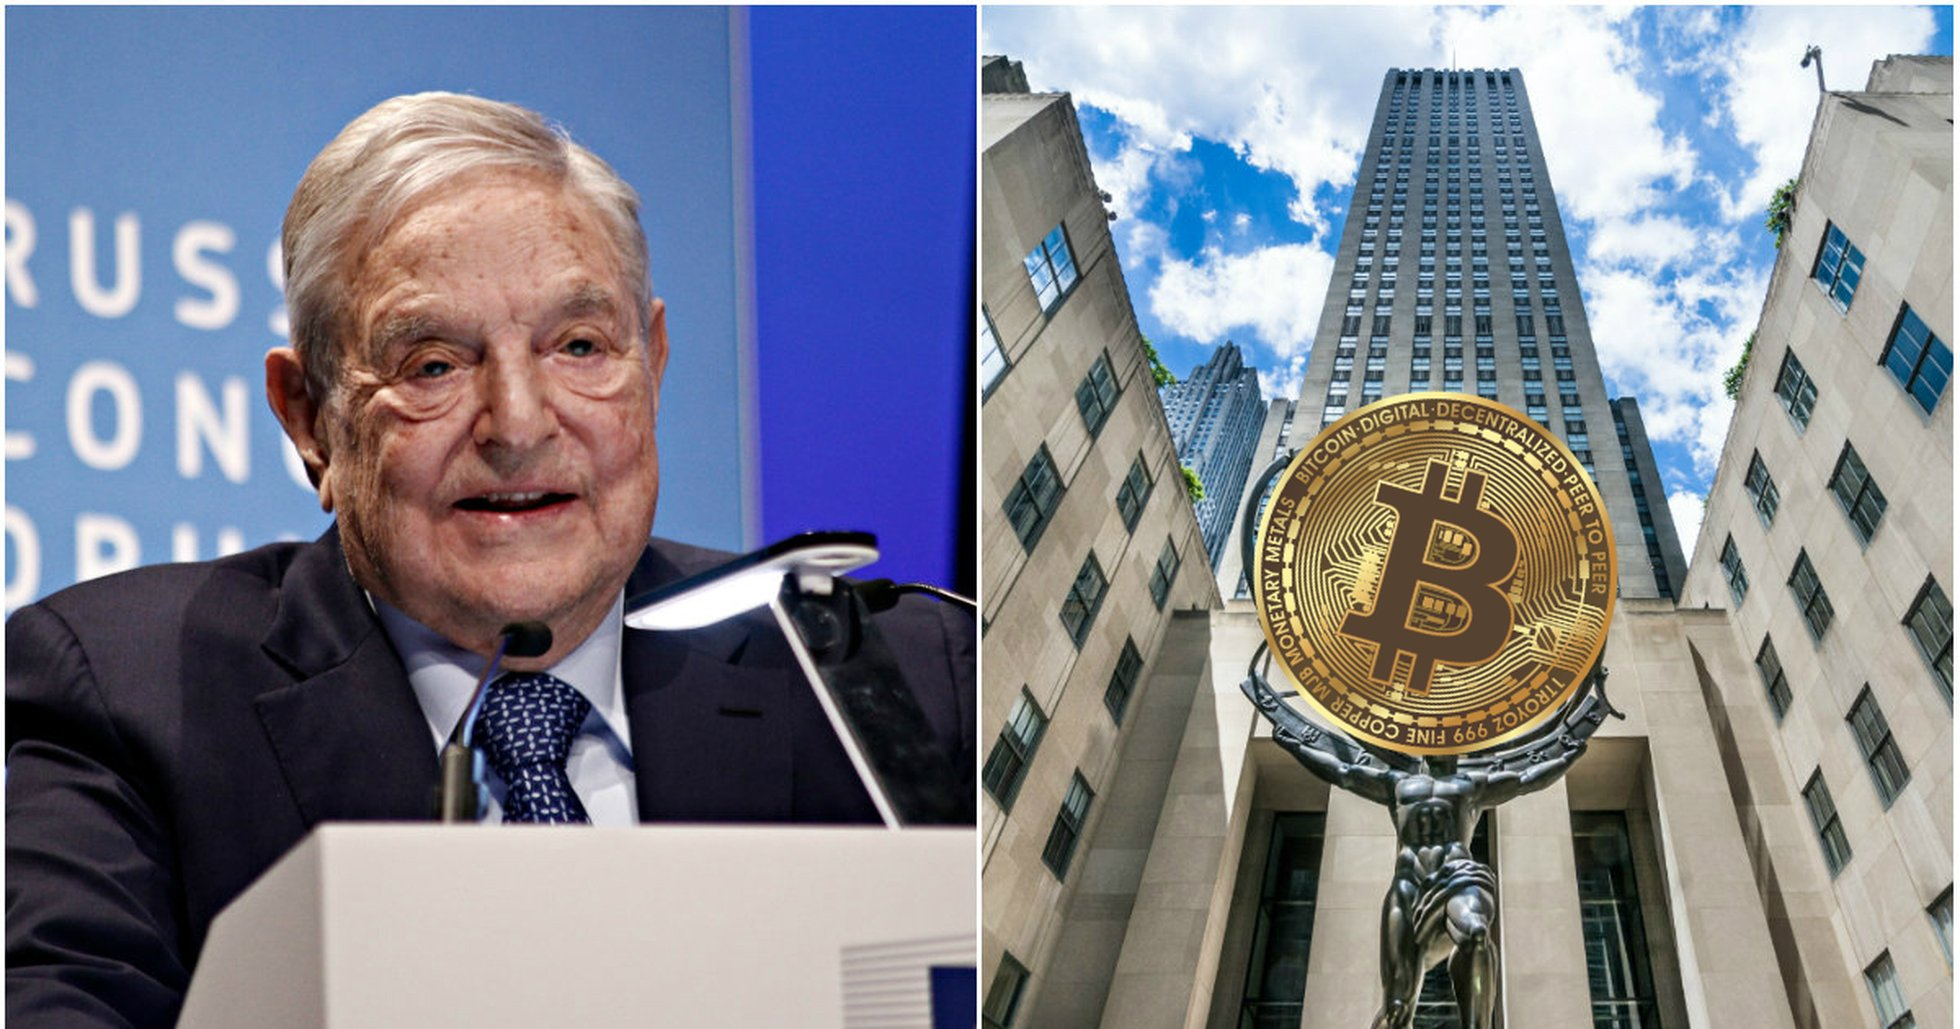 George Soros Rockefeller kryptovalutor.